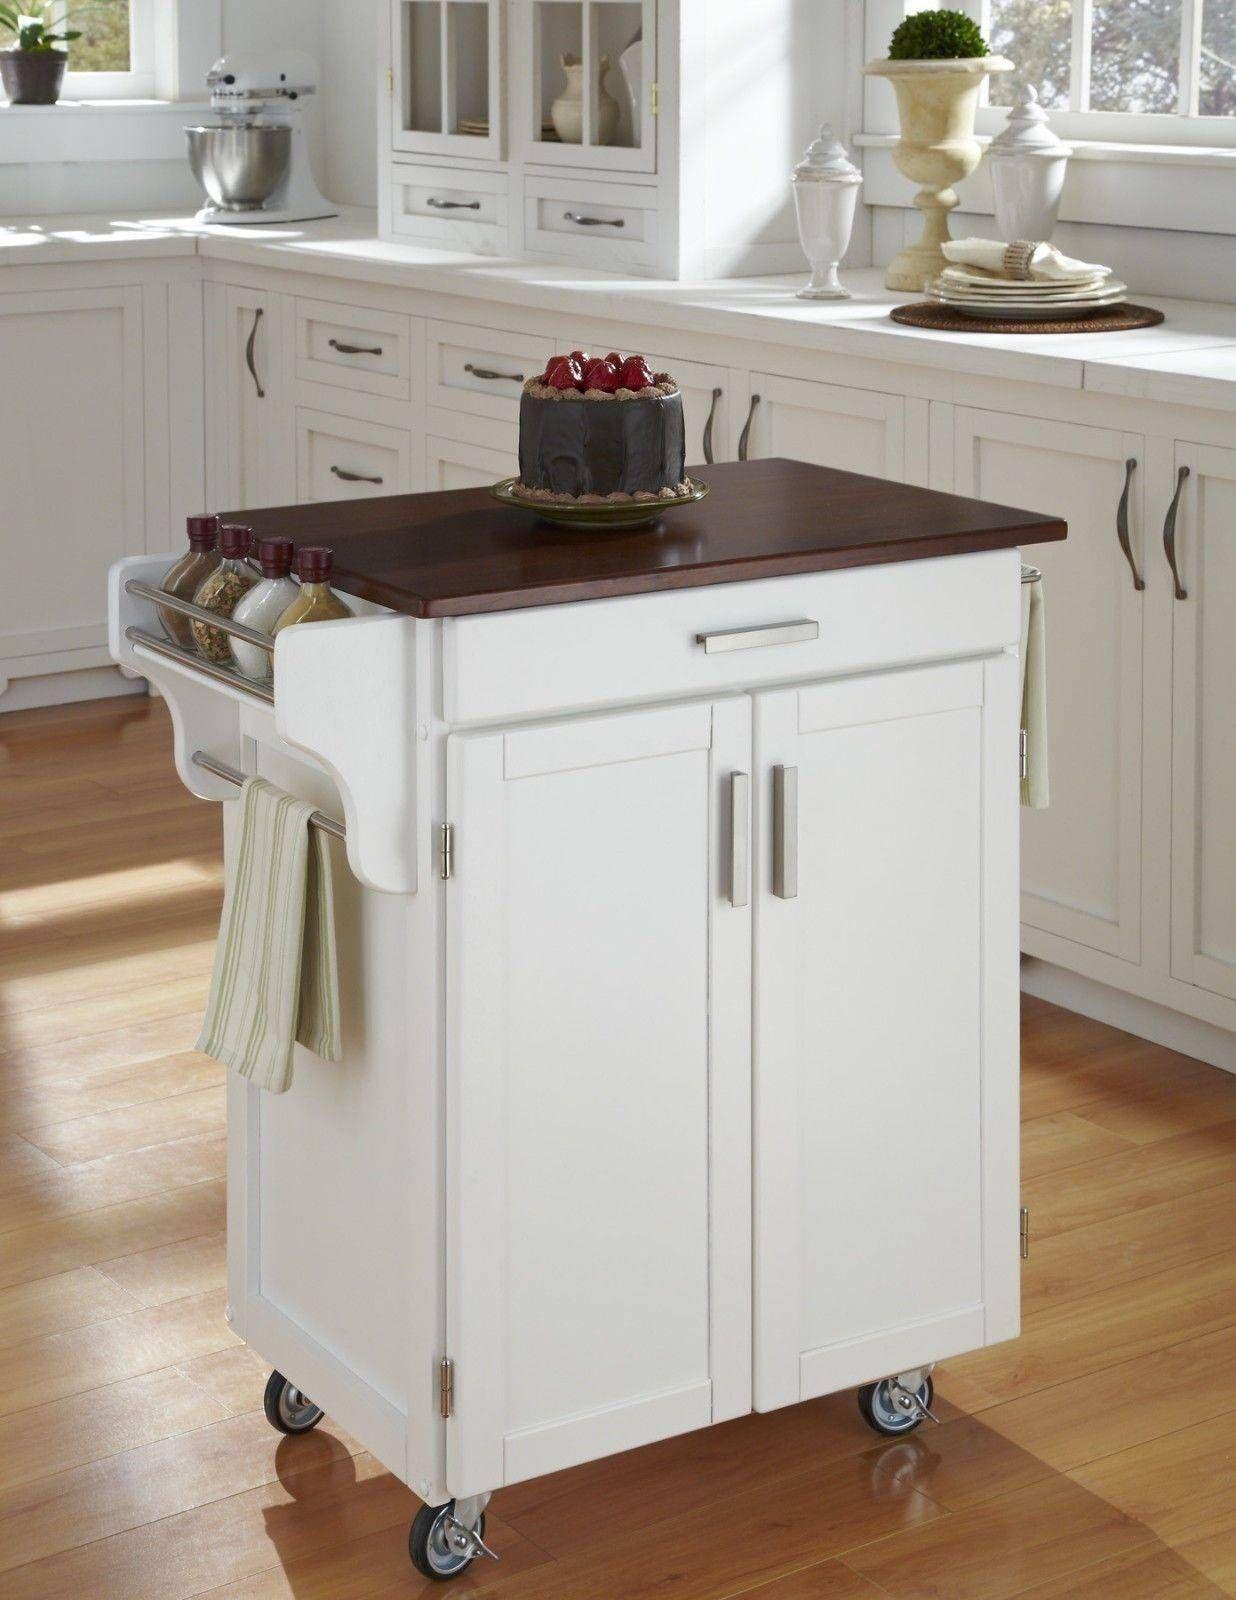 Großartig Unvollendet Kücheninsel Bilder - Ideen Für Die Küche ...